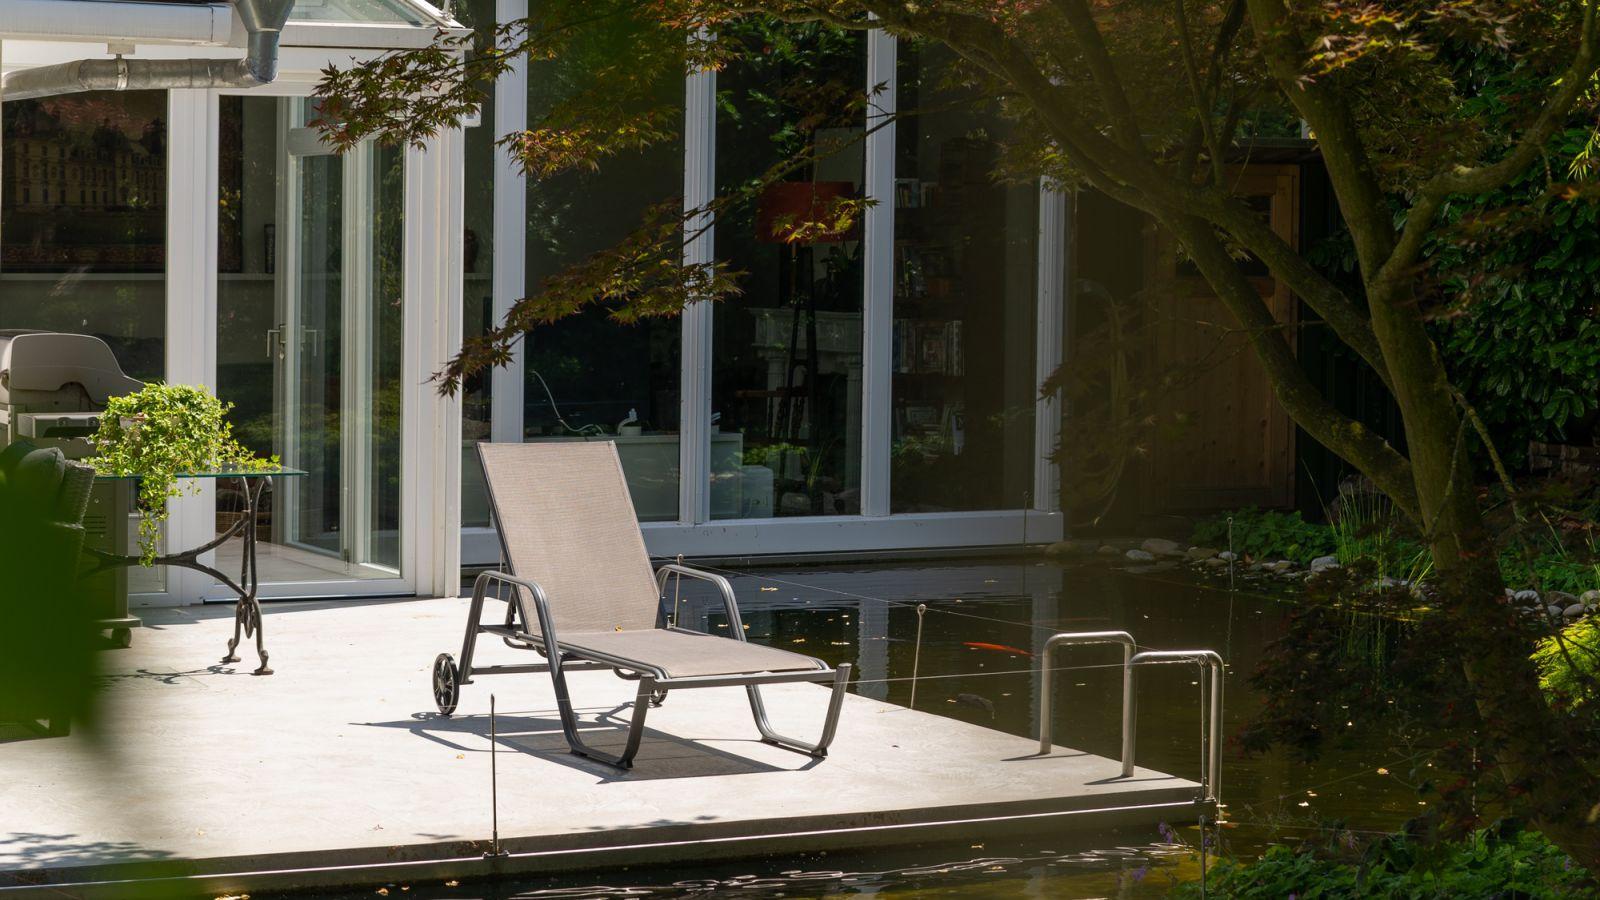 2.2 Alle Elemente in großer Geste vereint - weitläufiger Naturgarten in Bocholt